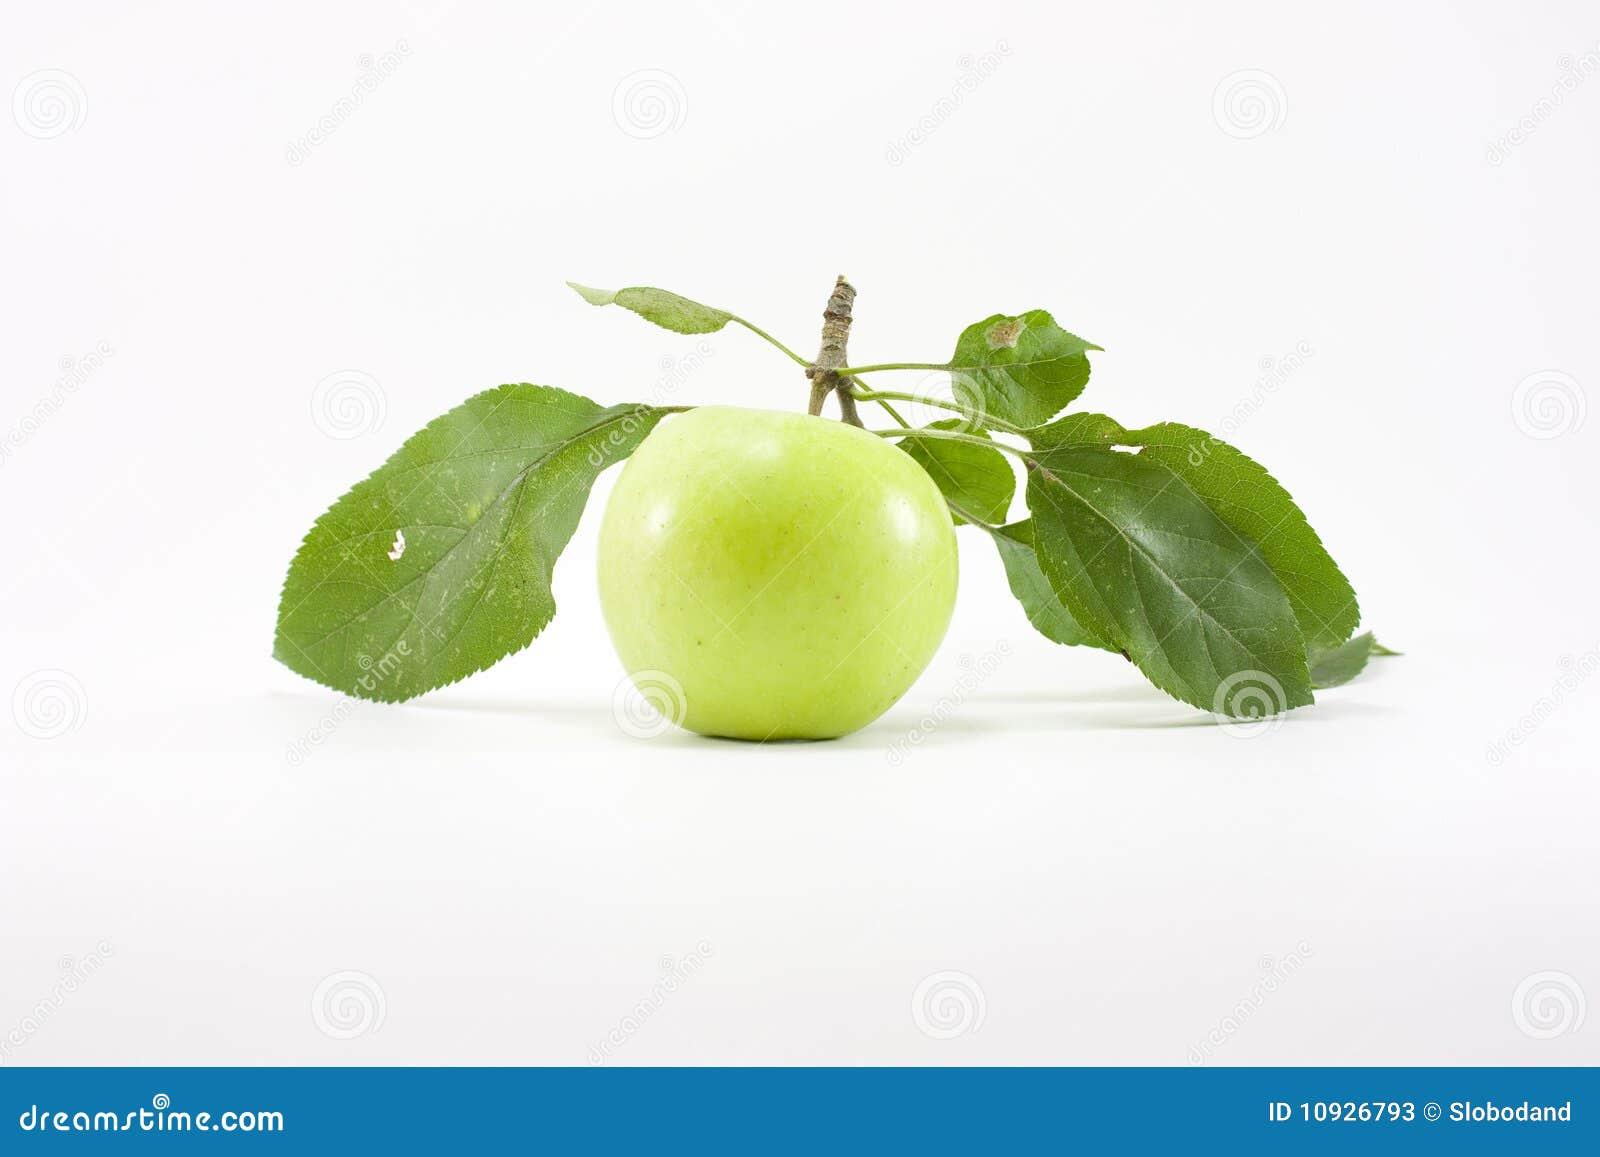 яблоко - листья зеленого цвета